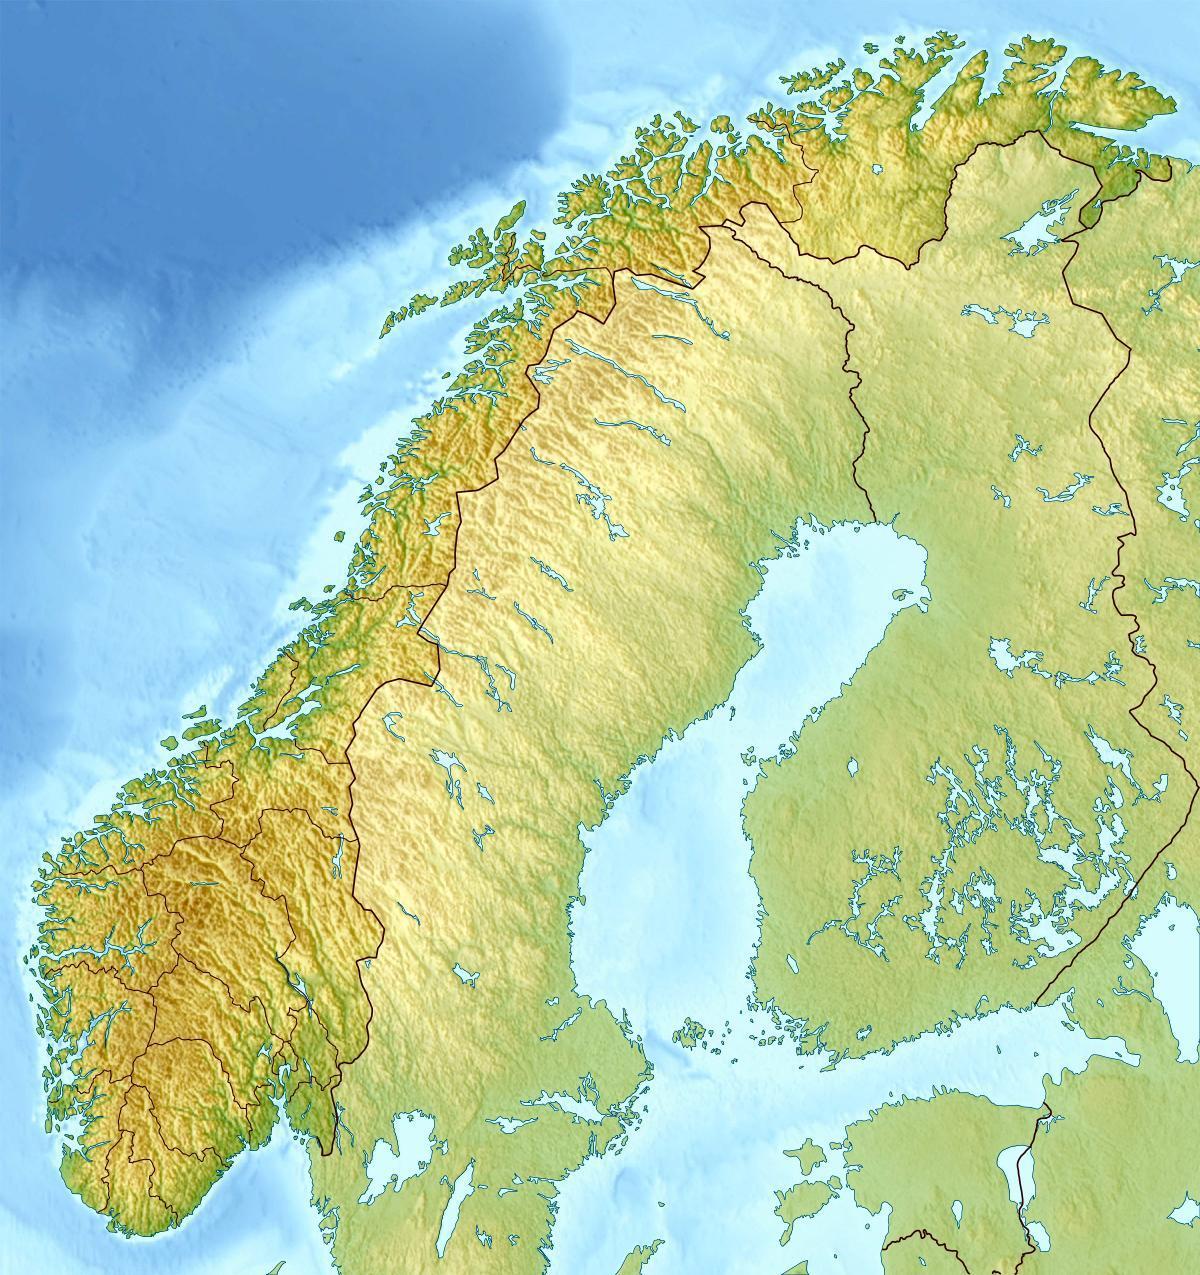 Norge Topografisk Kort Norge Topo Kort I Det Nordlige Europa